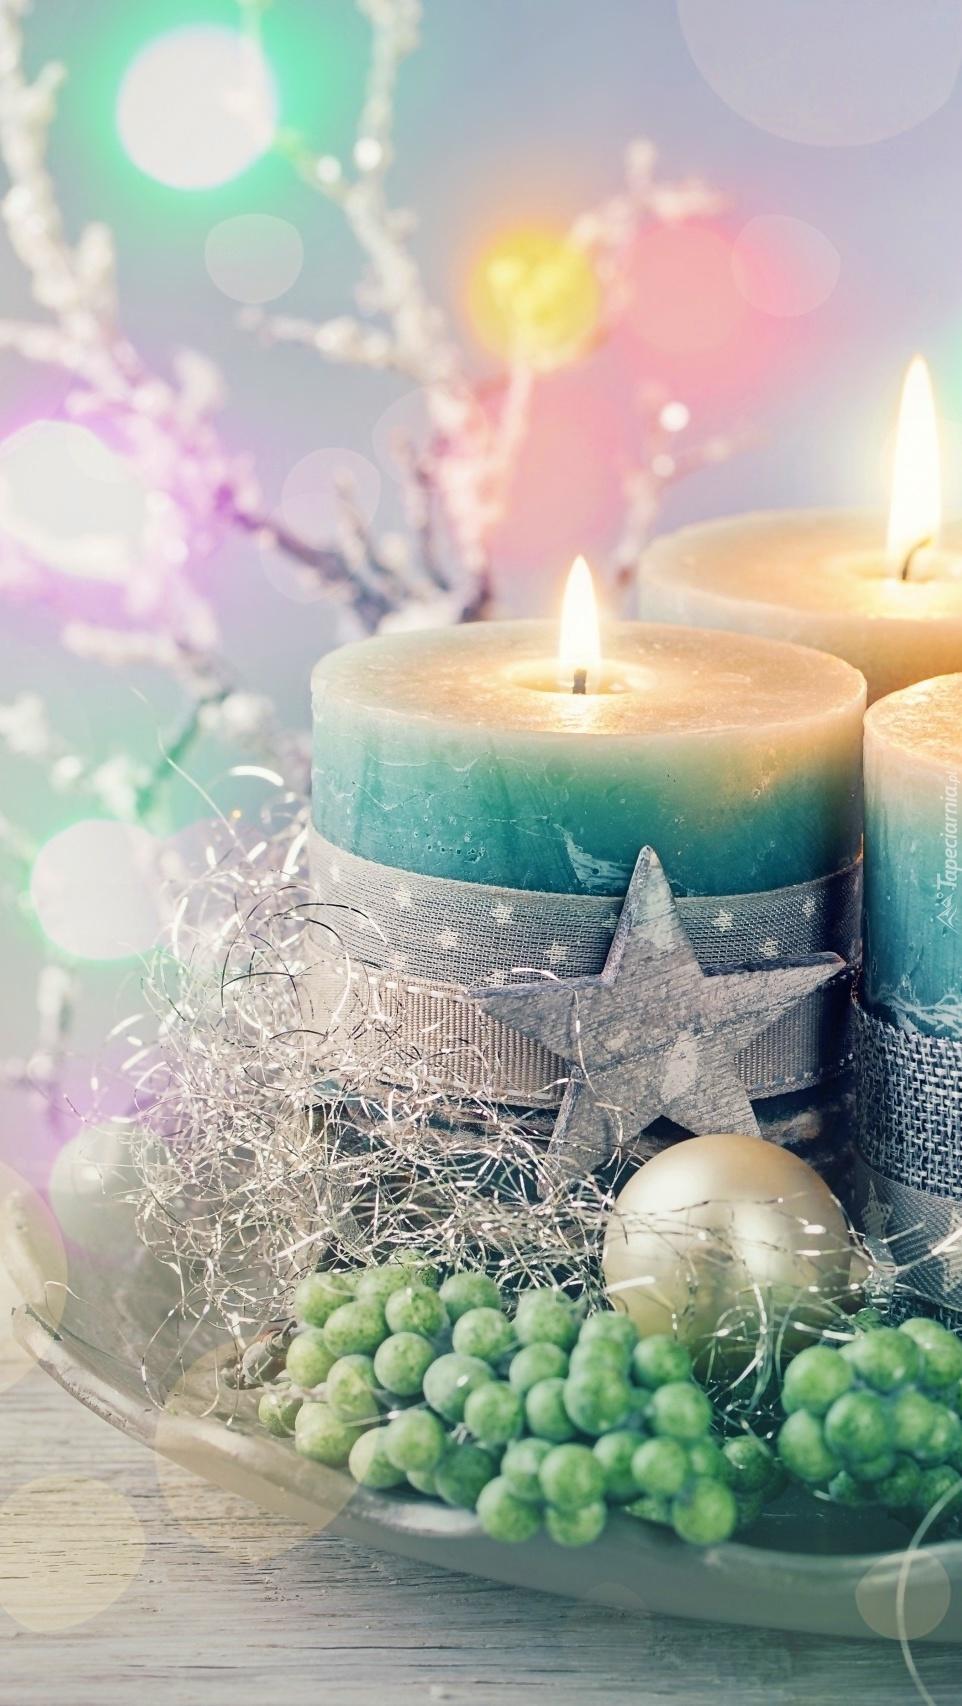 Świece w świątecznym przybraniu